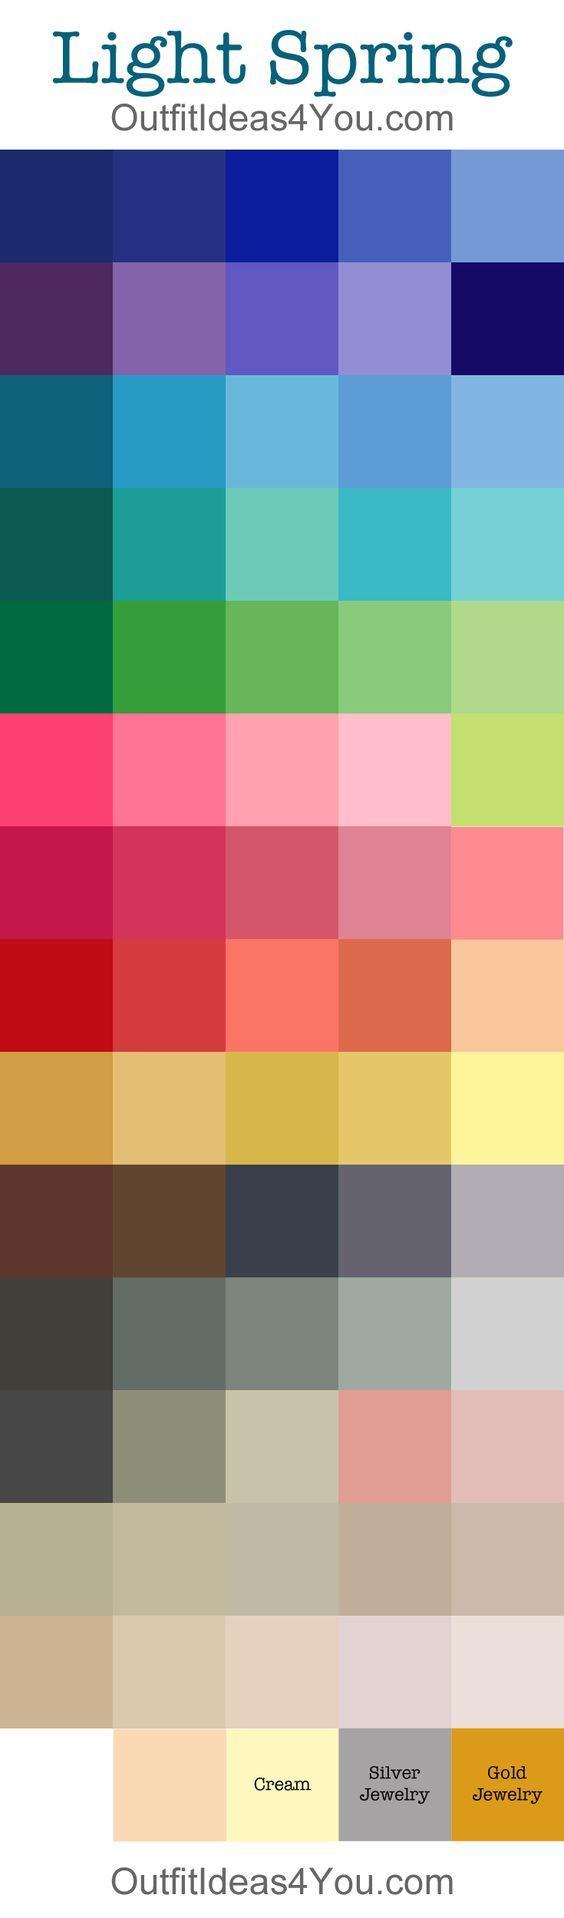 zur farbpalette des fr hlings geh ren ausschlie lich warme farben die einen hohen gelbanteil. Black Bedroom Furniture Sets. Home Design Ideas